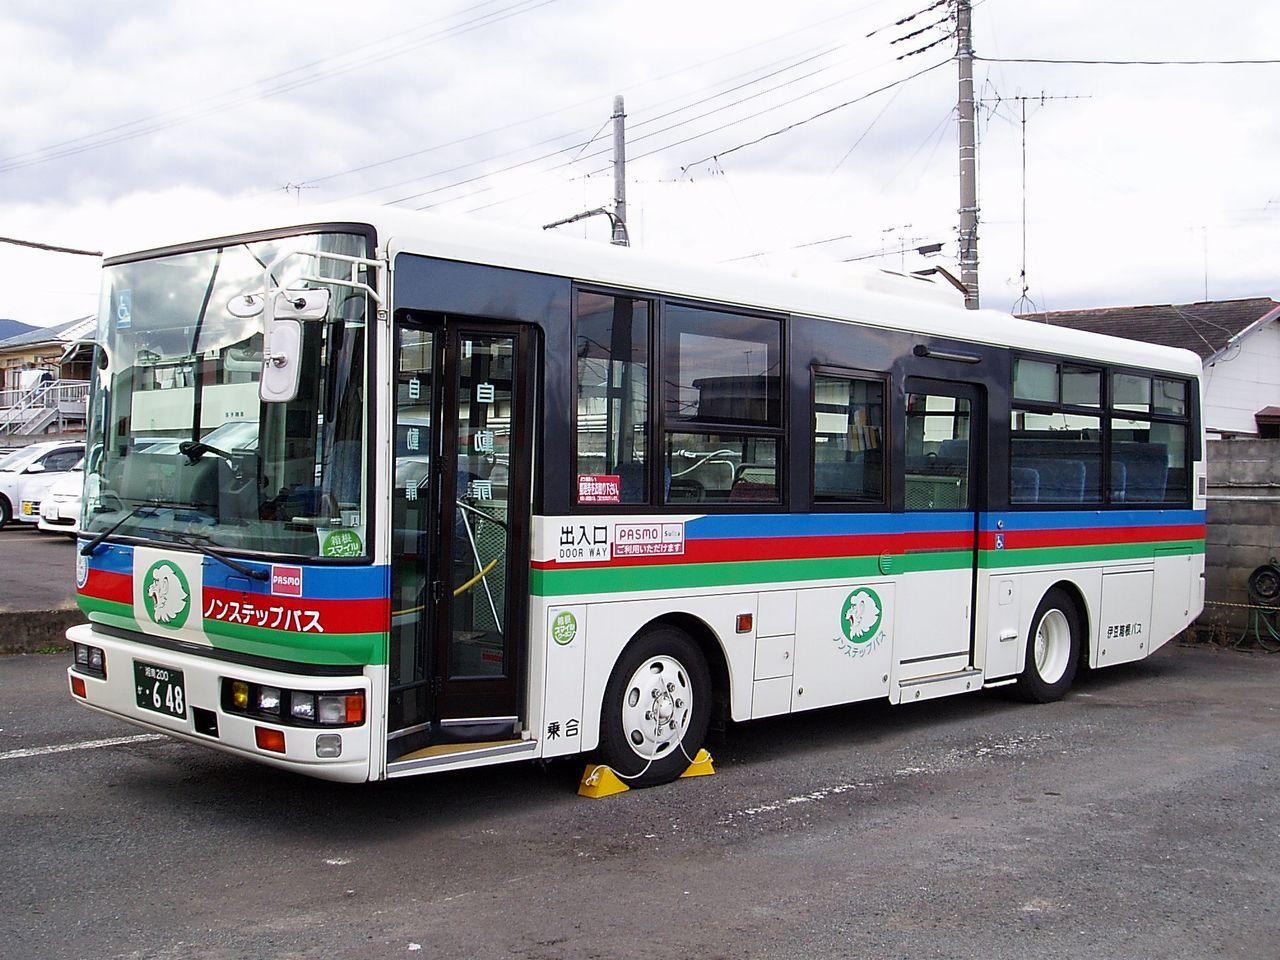 File:KK-RM252GAN-kai-Izuhakone-2741.jpg